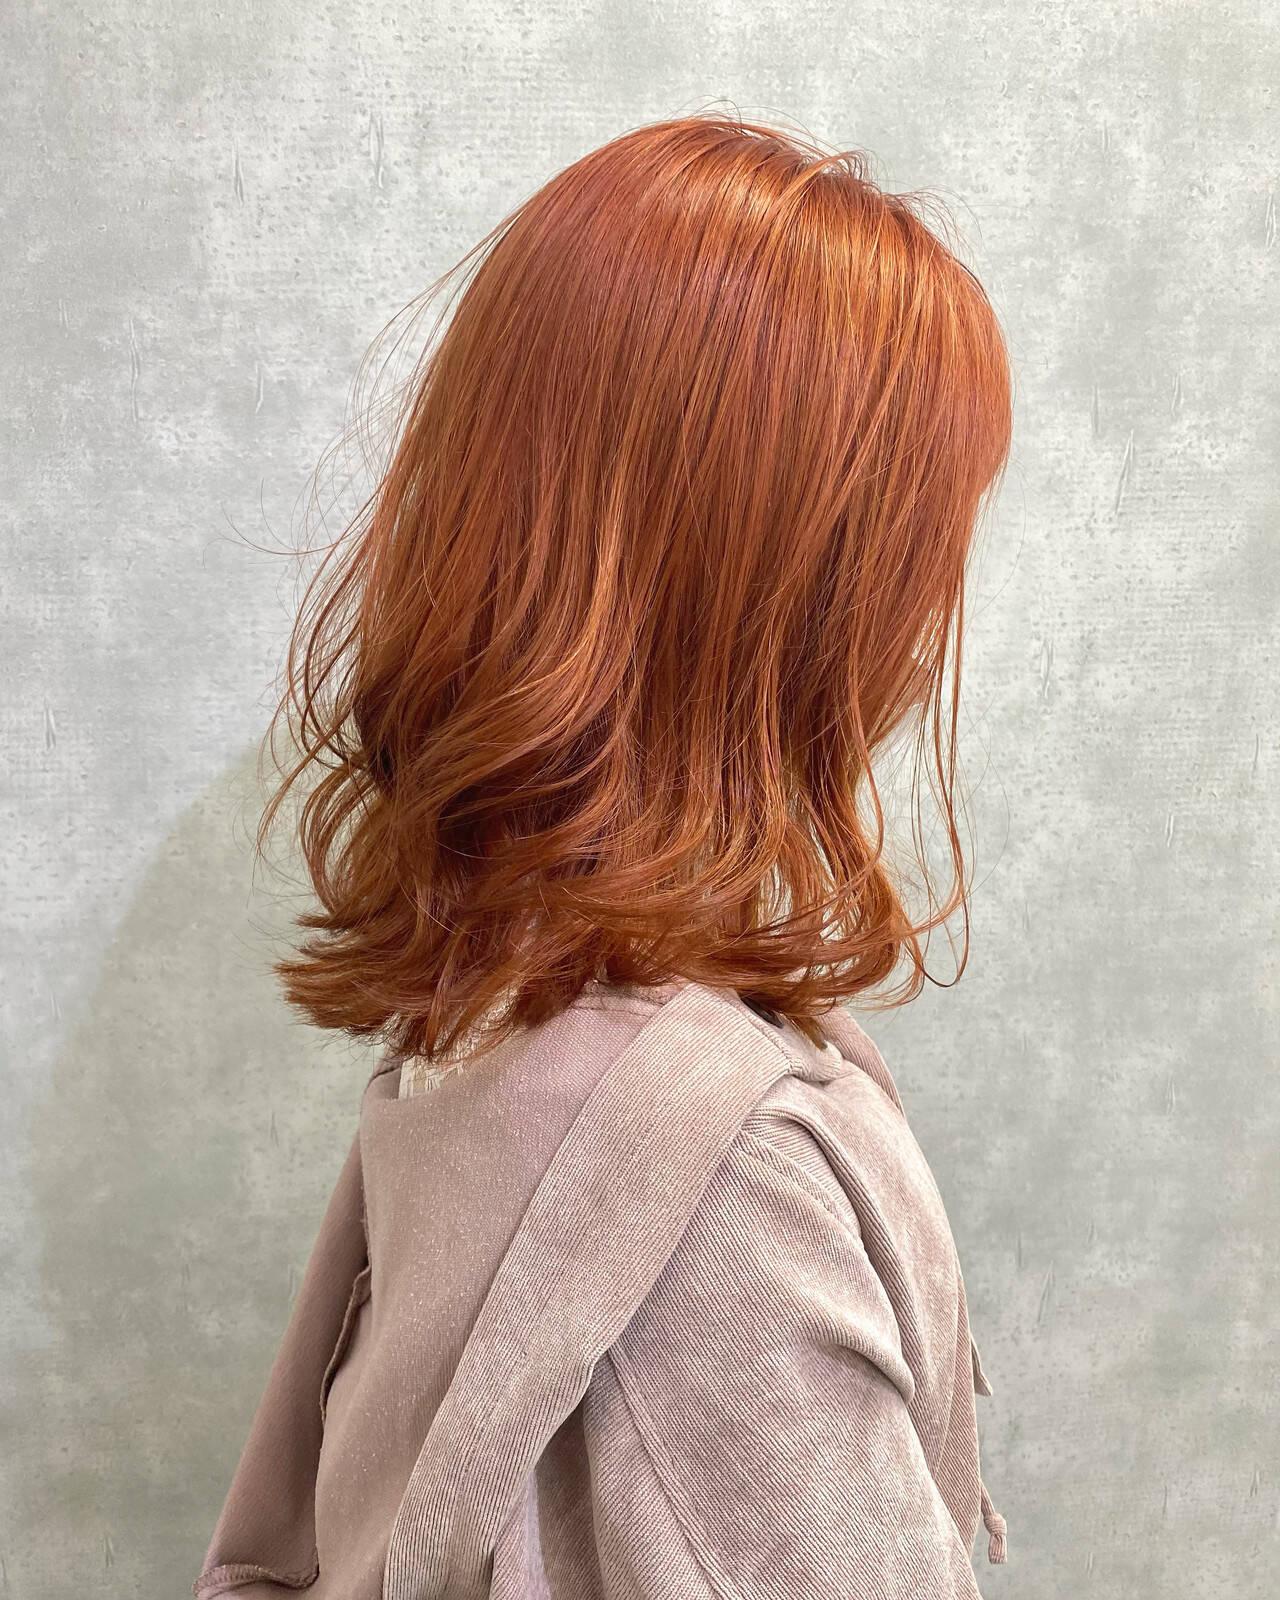 オレンジベージュ オレンジカラー ナチュラル ブリーチカラーヘアスタイルや髪型の写真・画像